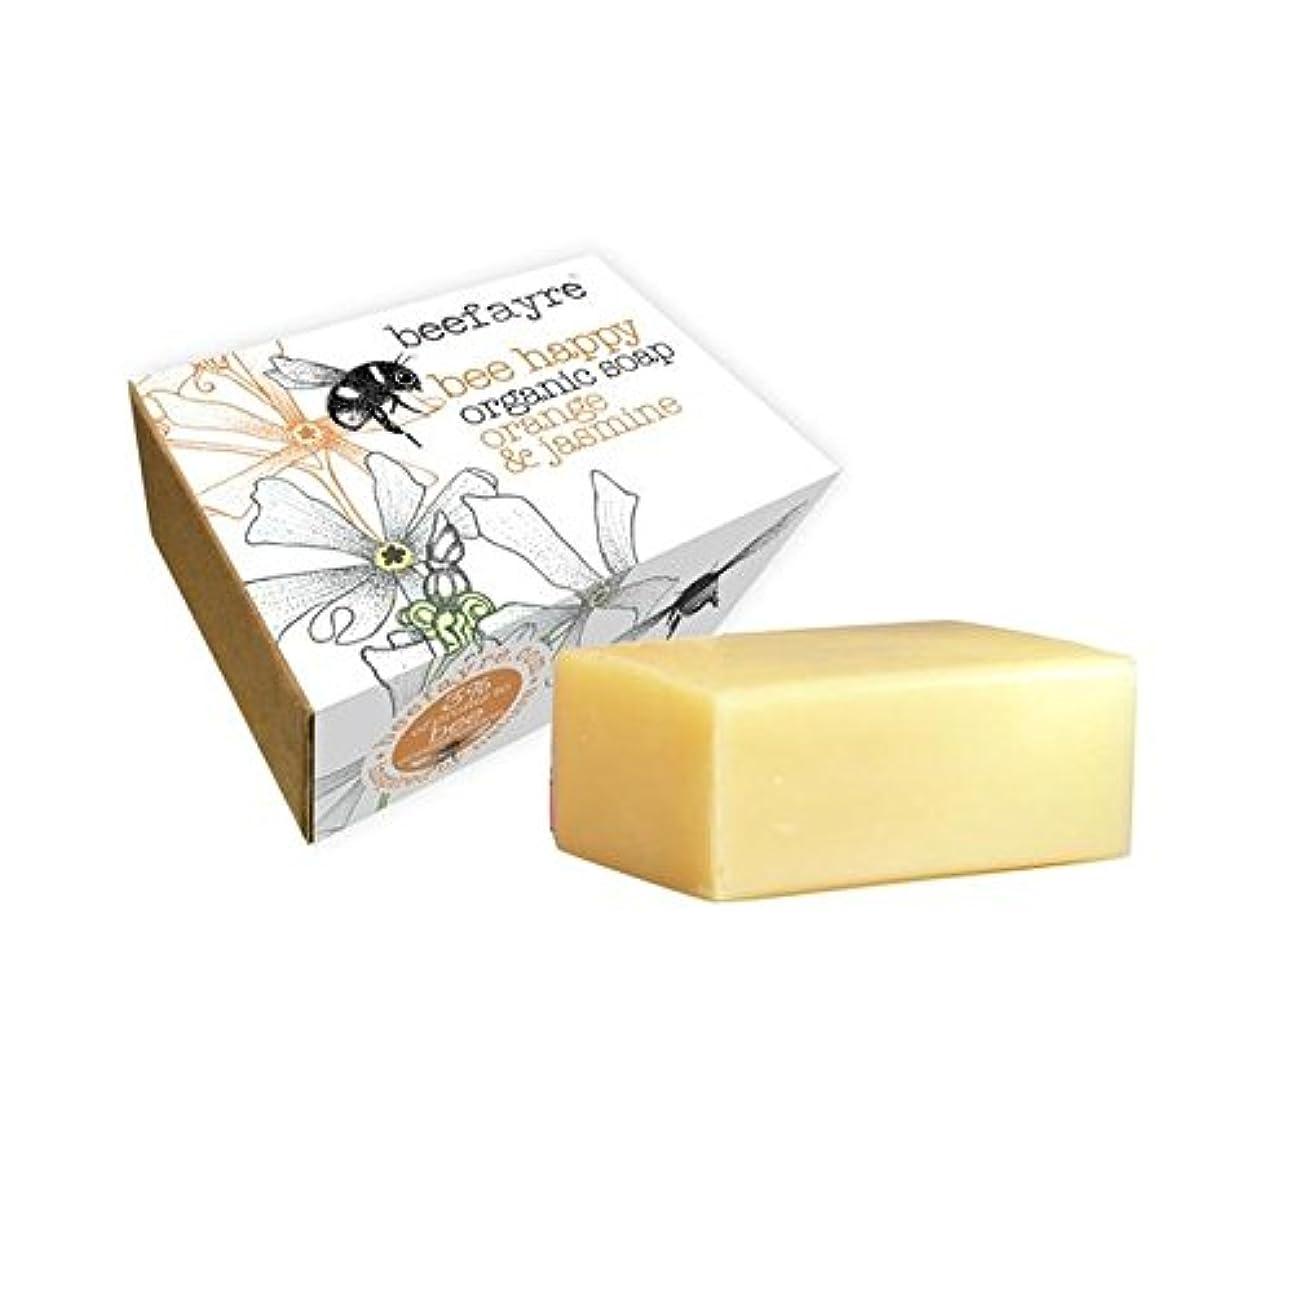 泣くではごきげんよう主に[Beefayre] 有機オレンジ&ジャスミン石鹸Beefayre - Beefayre Organic Orange & Jasmine Soap [並行輸入品]